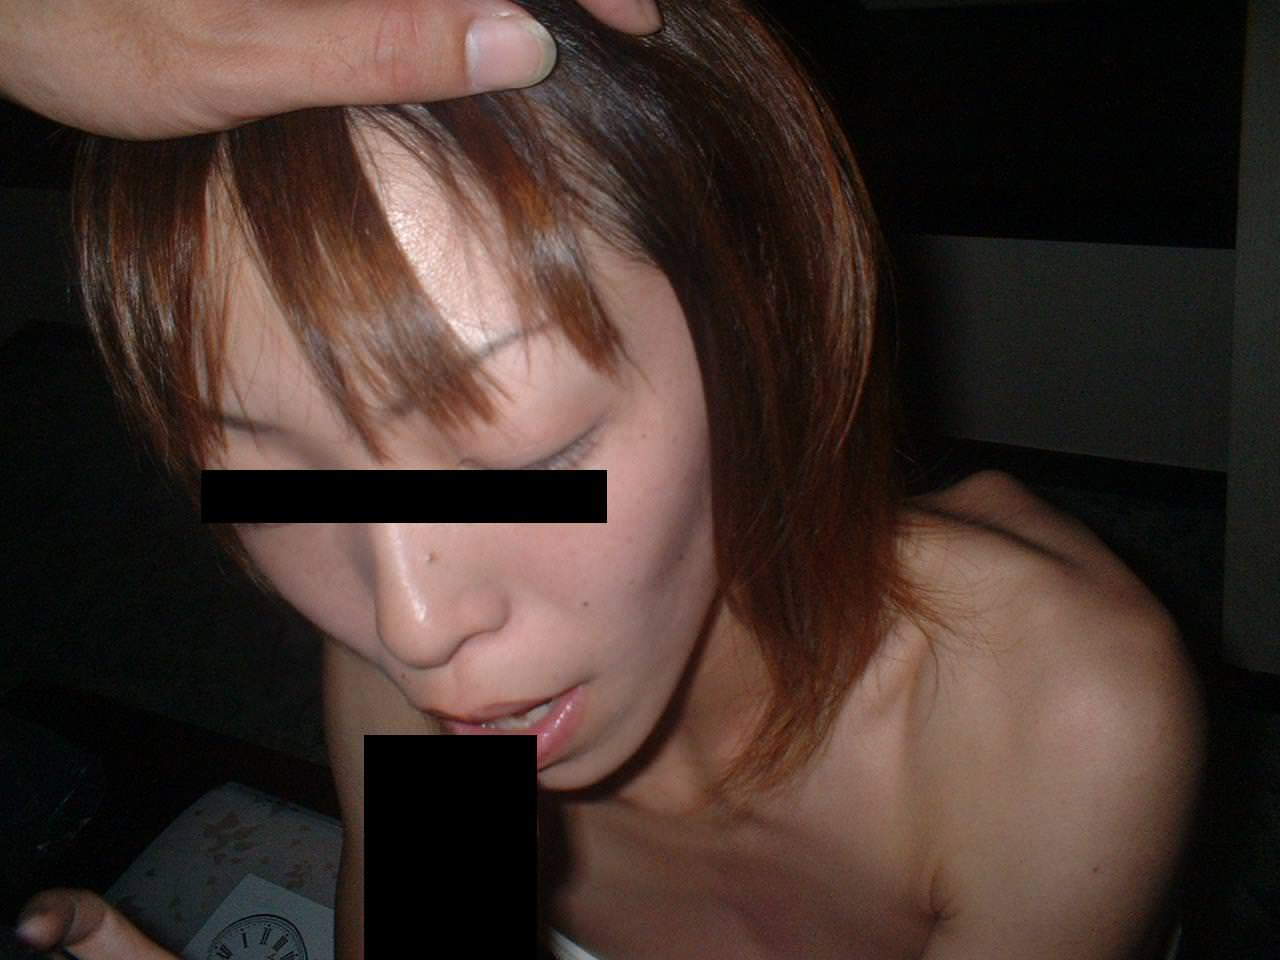 【人妻素人】子供を寝かしつけてから奥さんとエッチしたったwwwガチ生フェラ画像www 1306